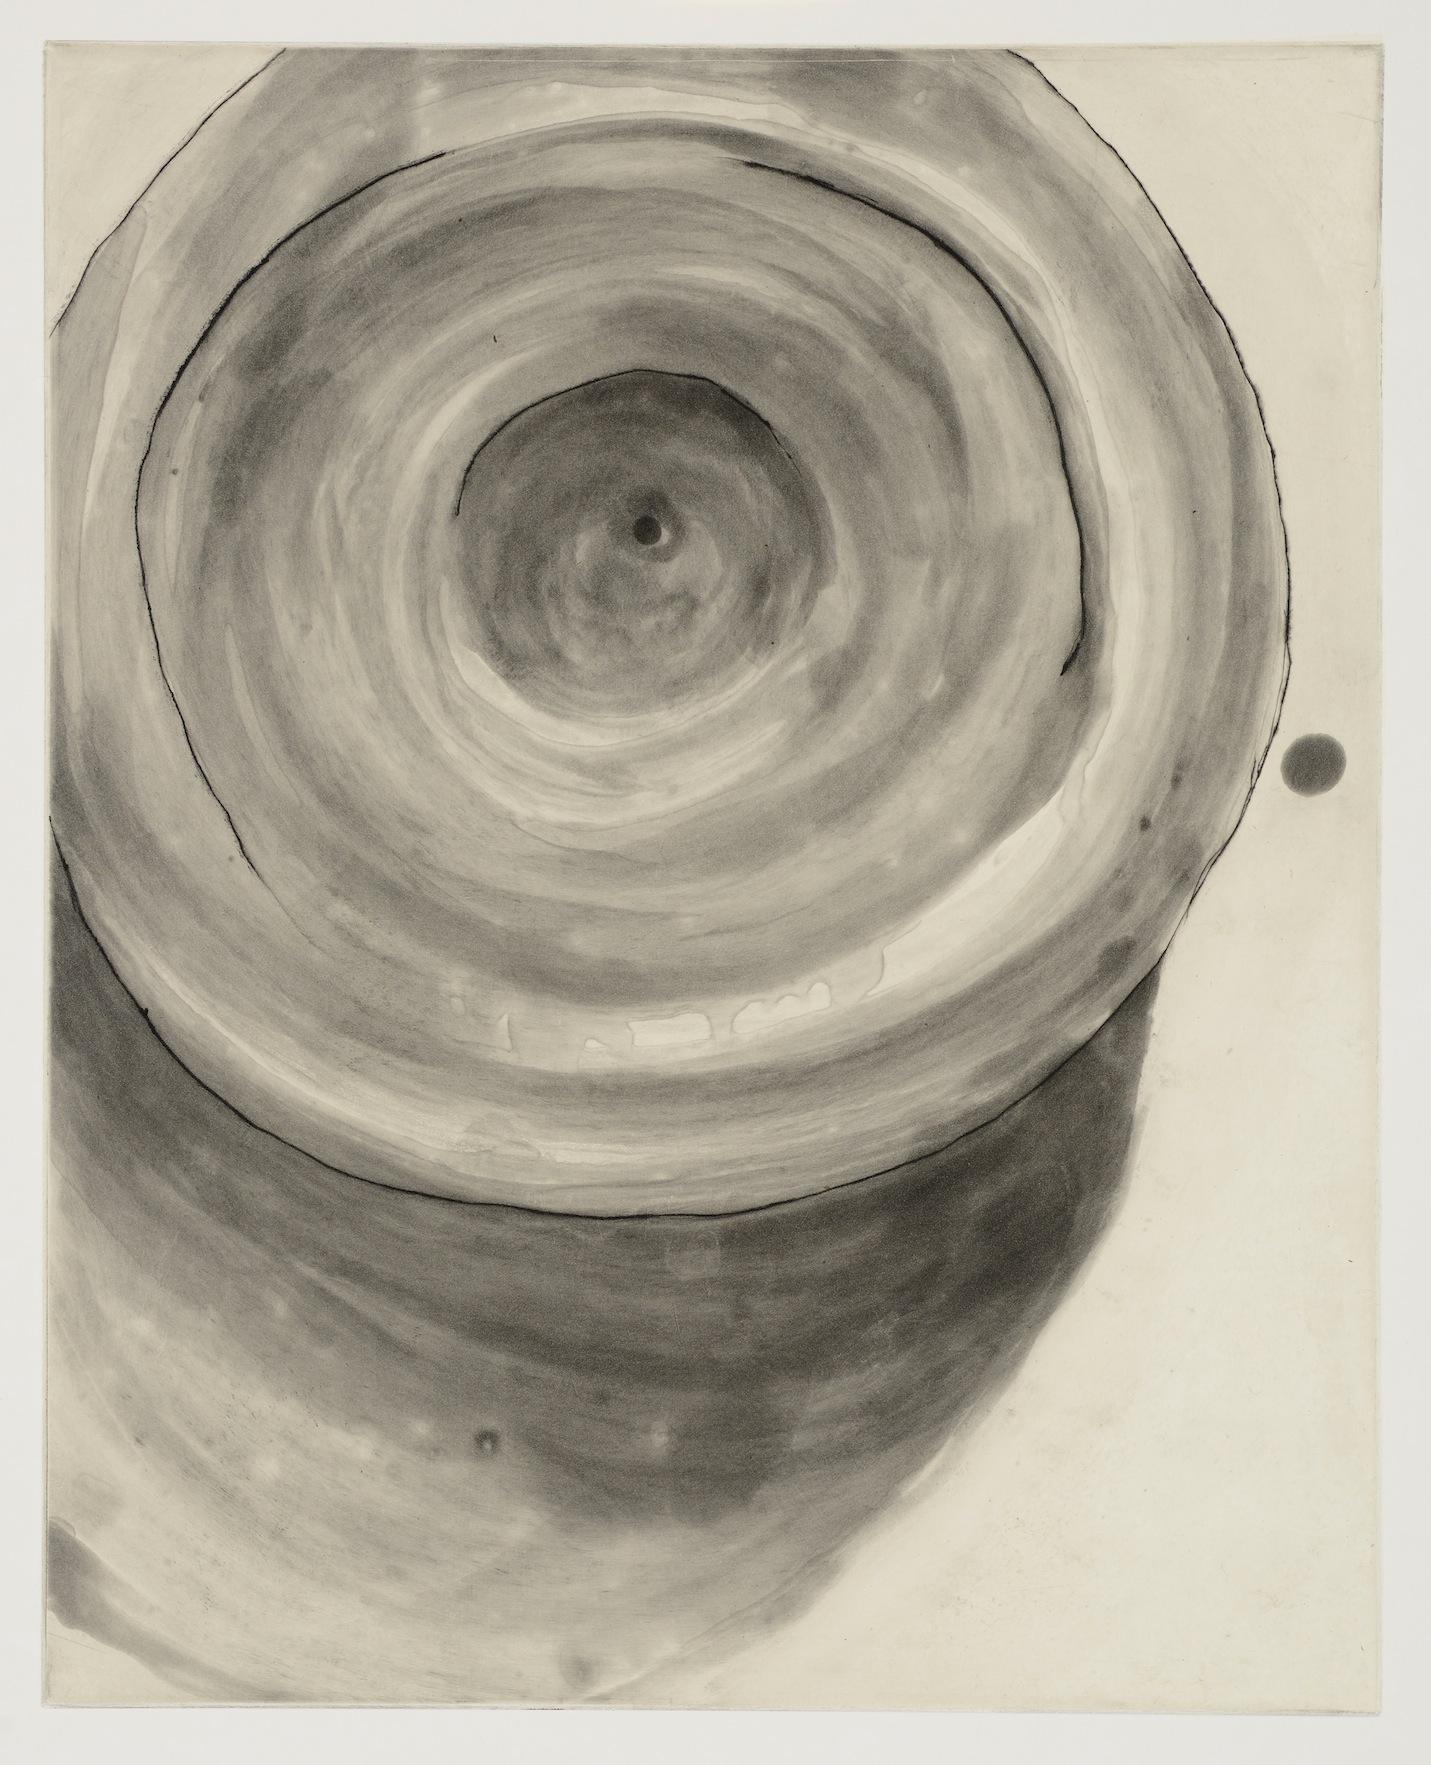 vortex : 16x20 aquatint etching 2014